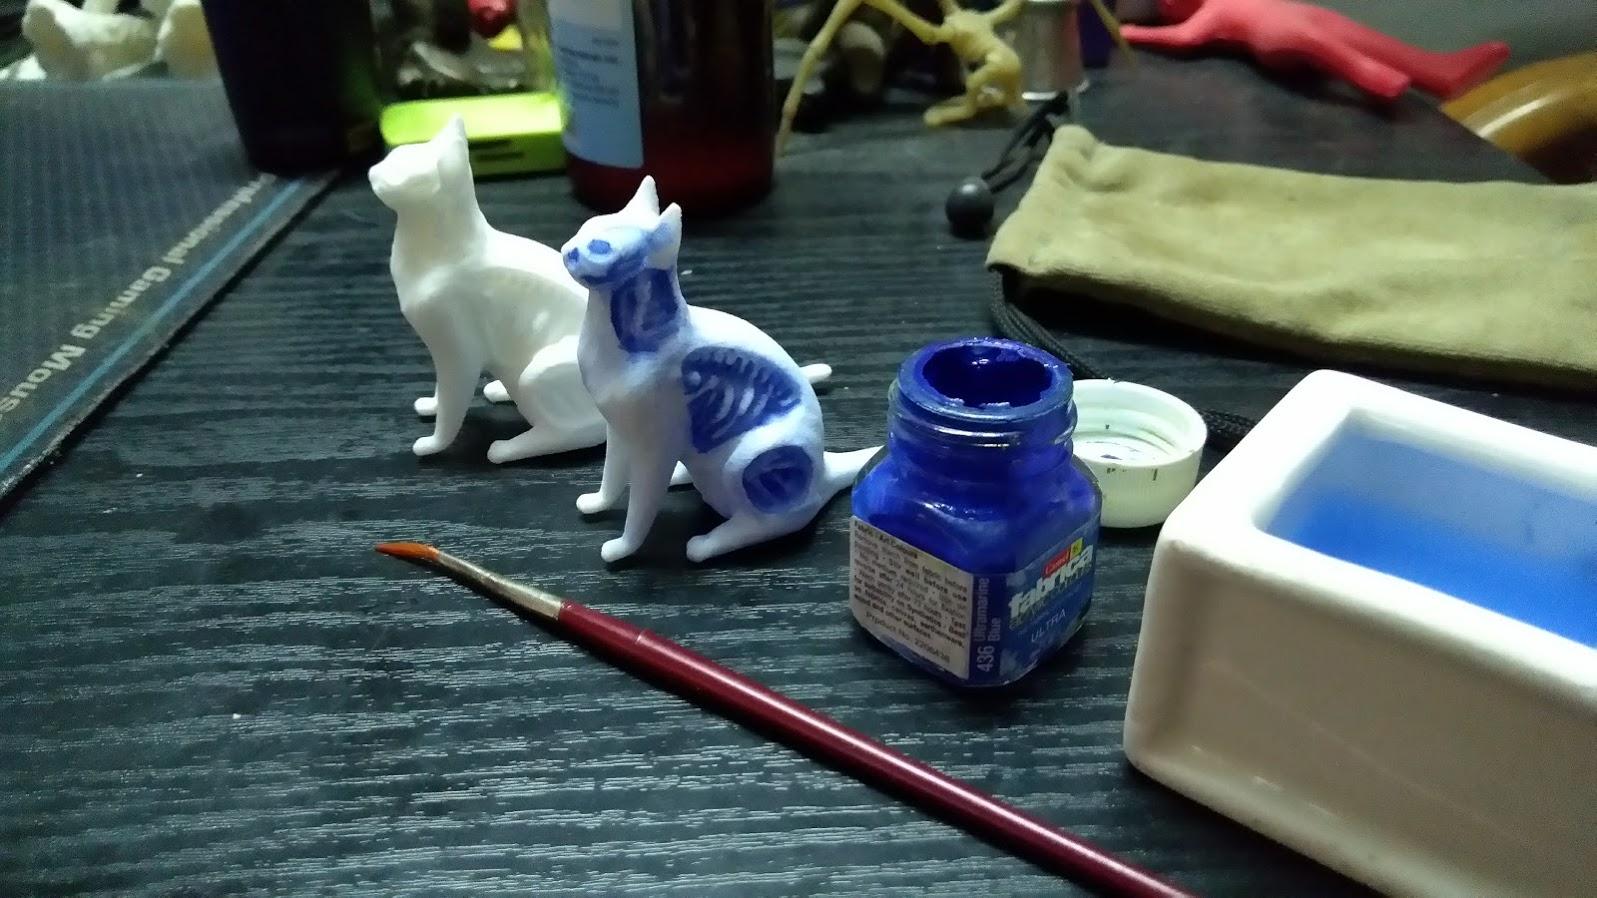 Undead Cat 3d Print Painted by chaitanyak